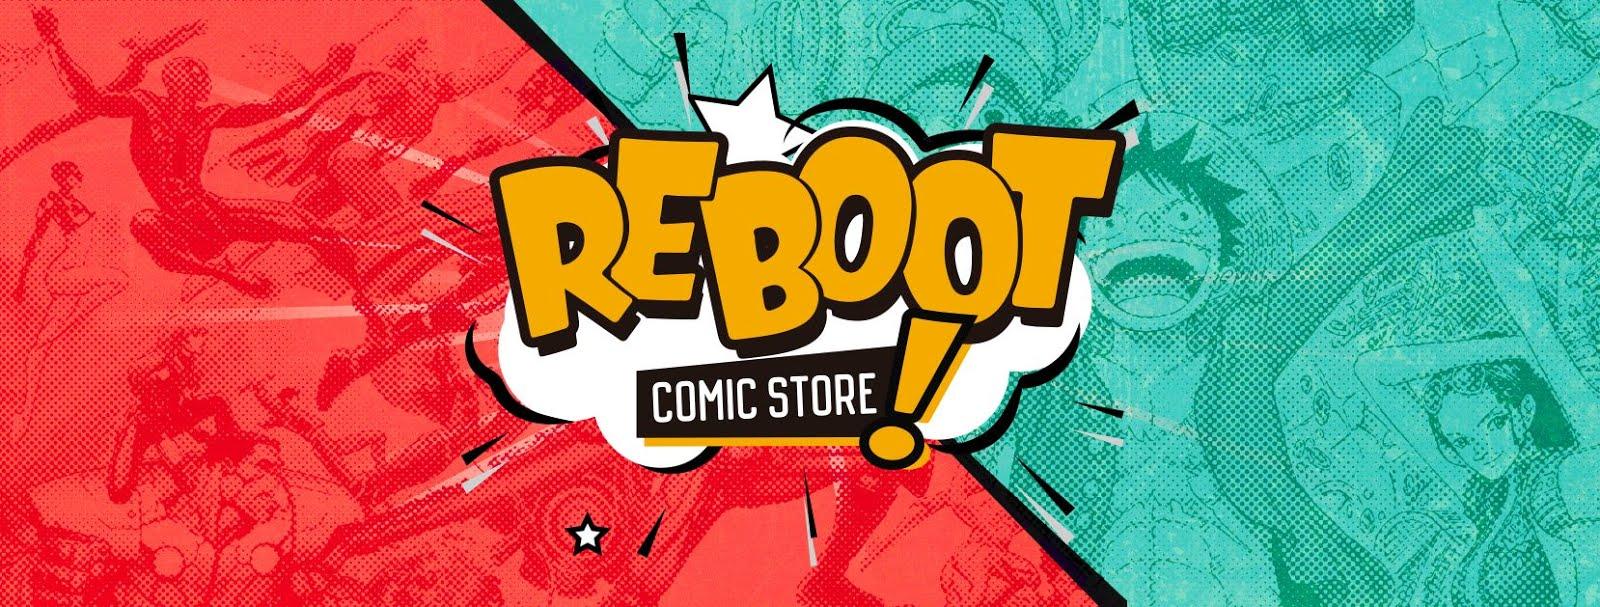 REBOOT COMICS